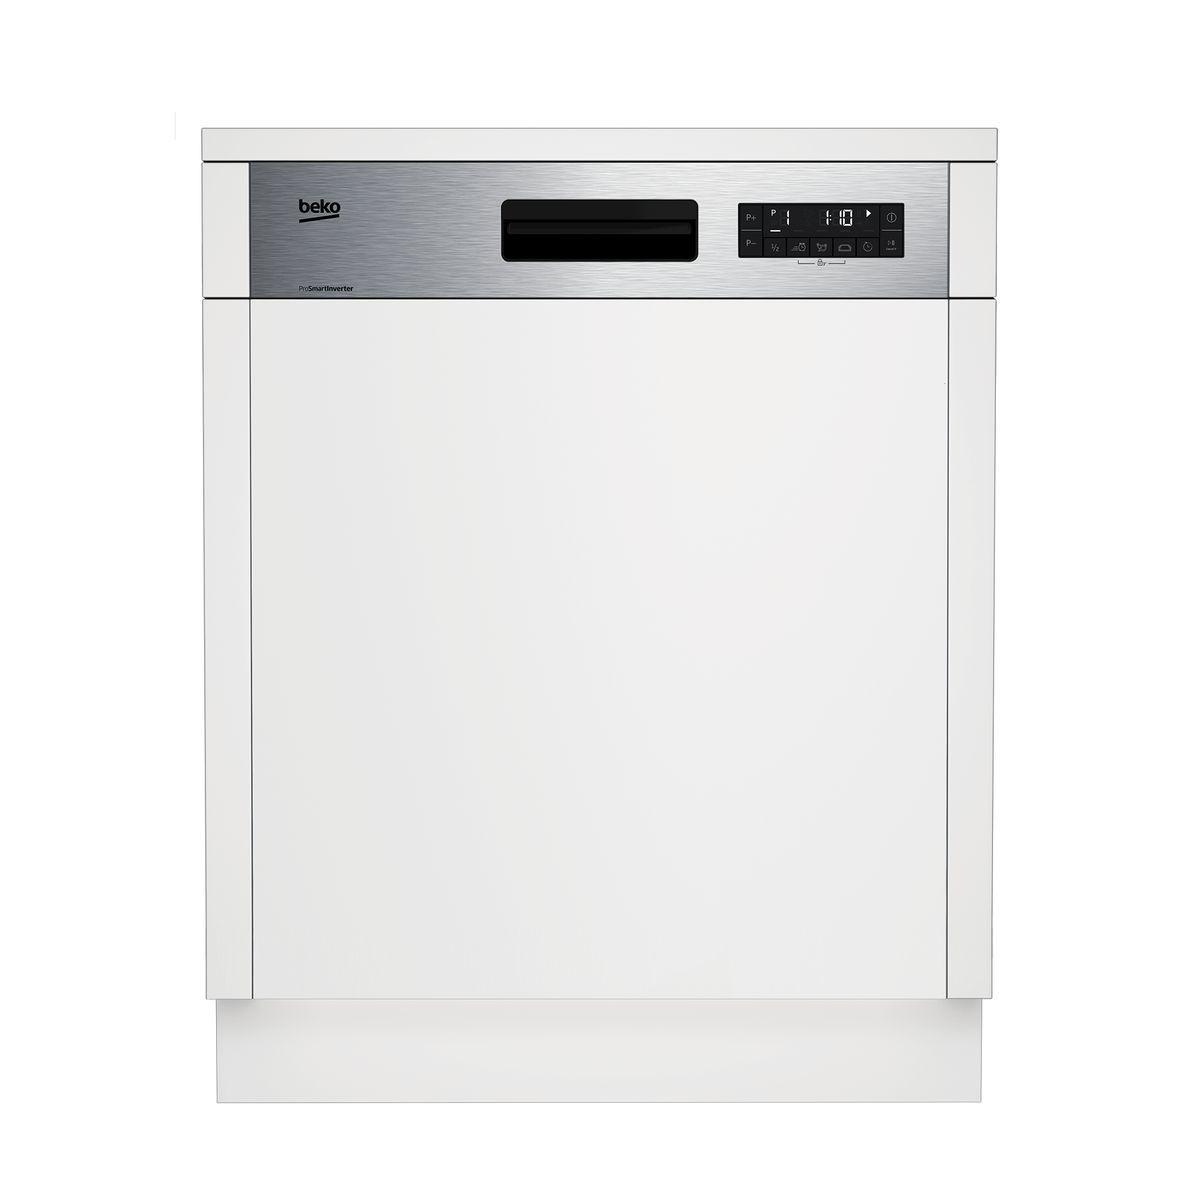 Lave vaisselle DSN26420X, 14 couverts, 60 cm, 46 dB, 6 programmes